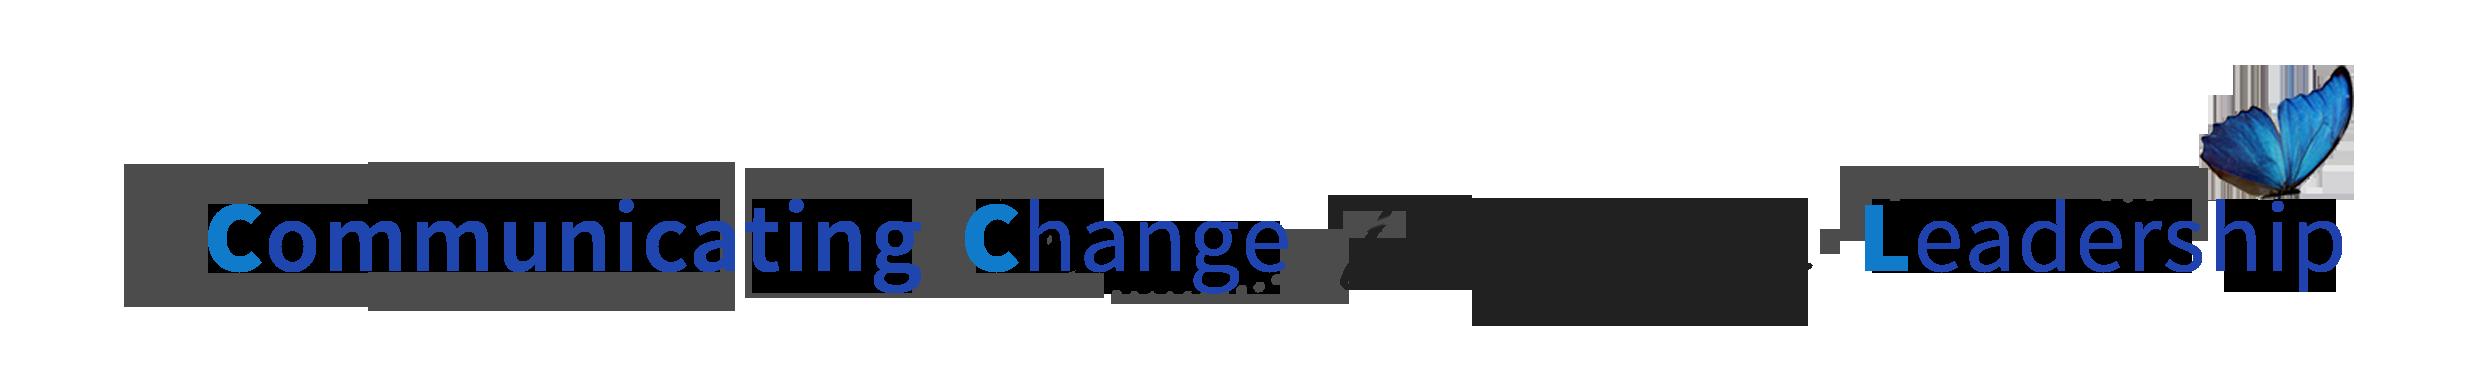 Communicating Change through Leadership